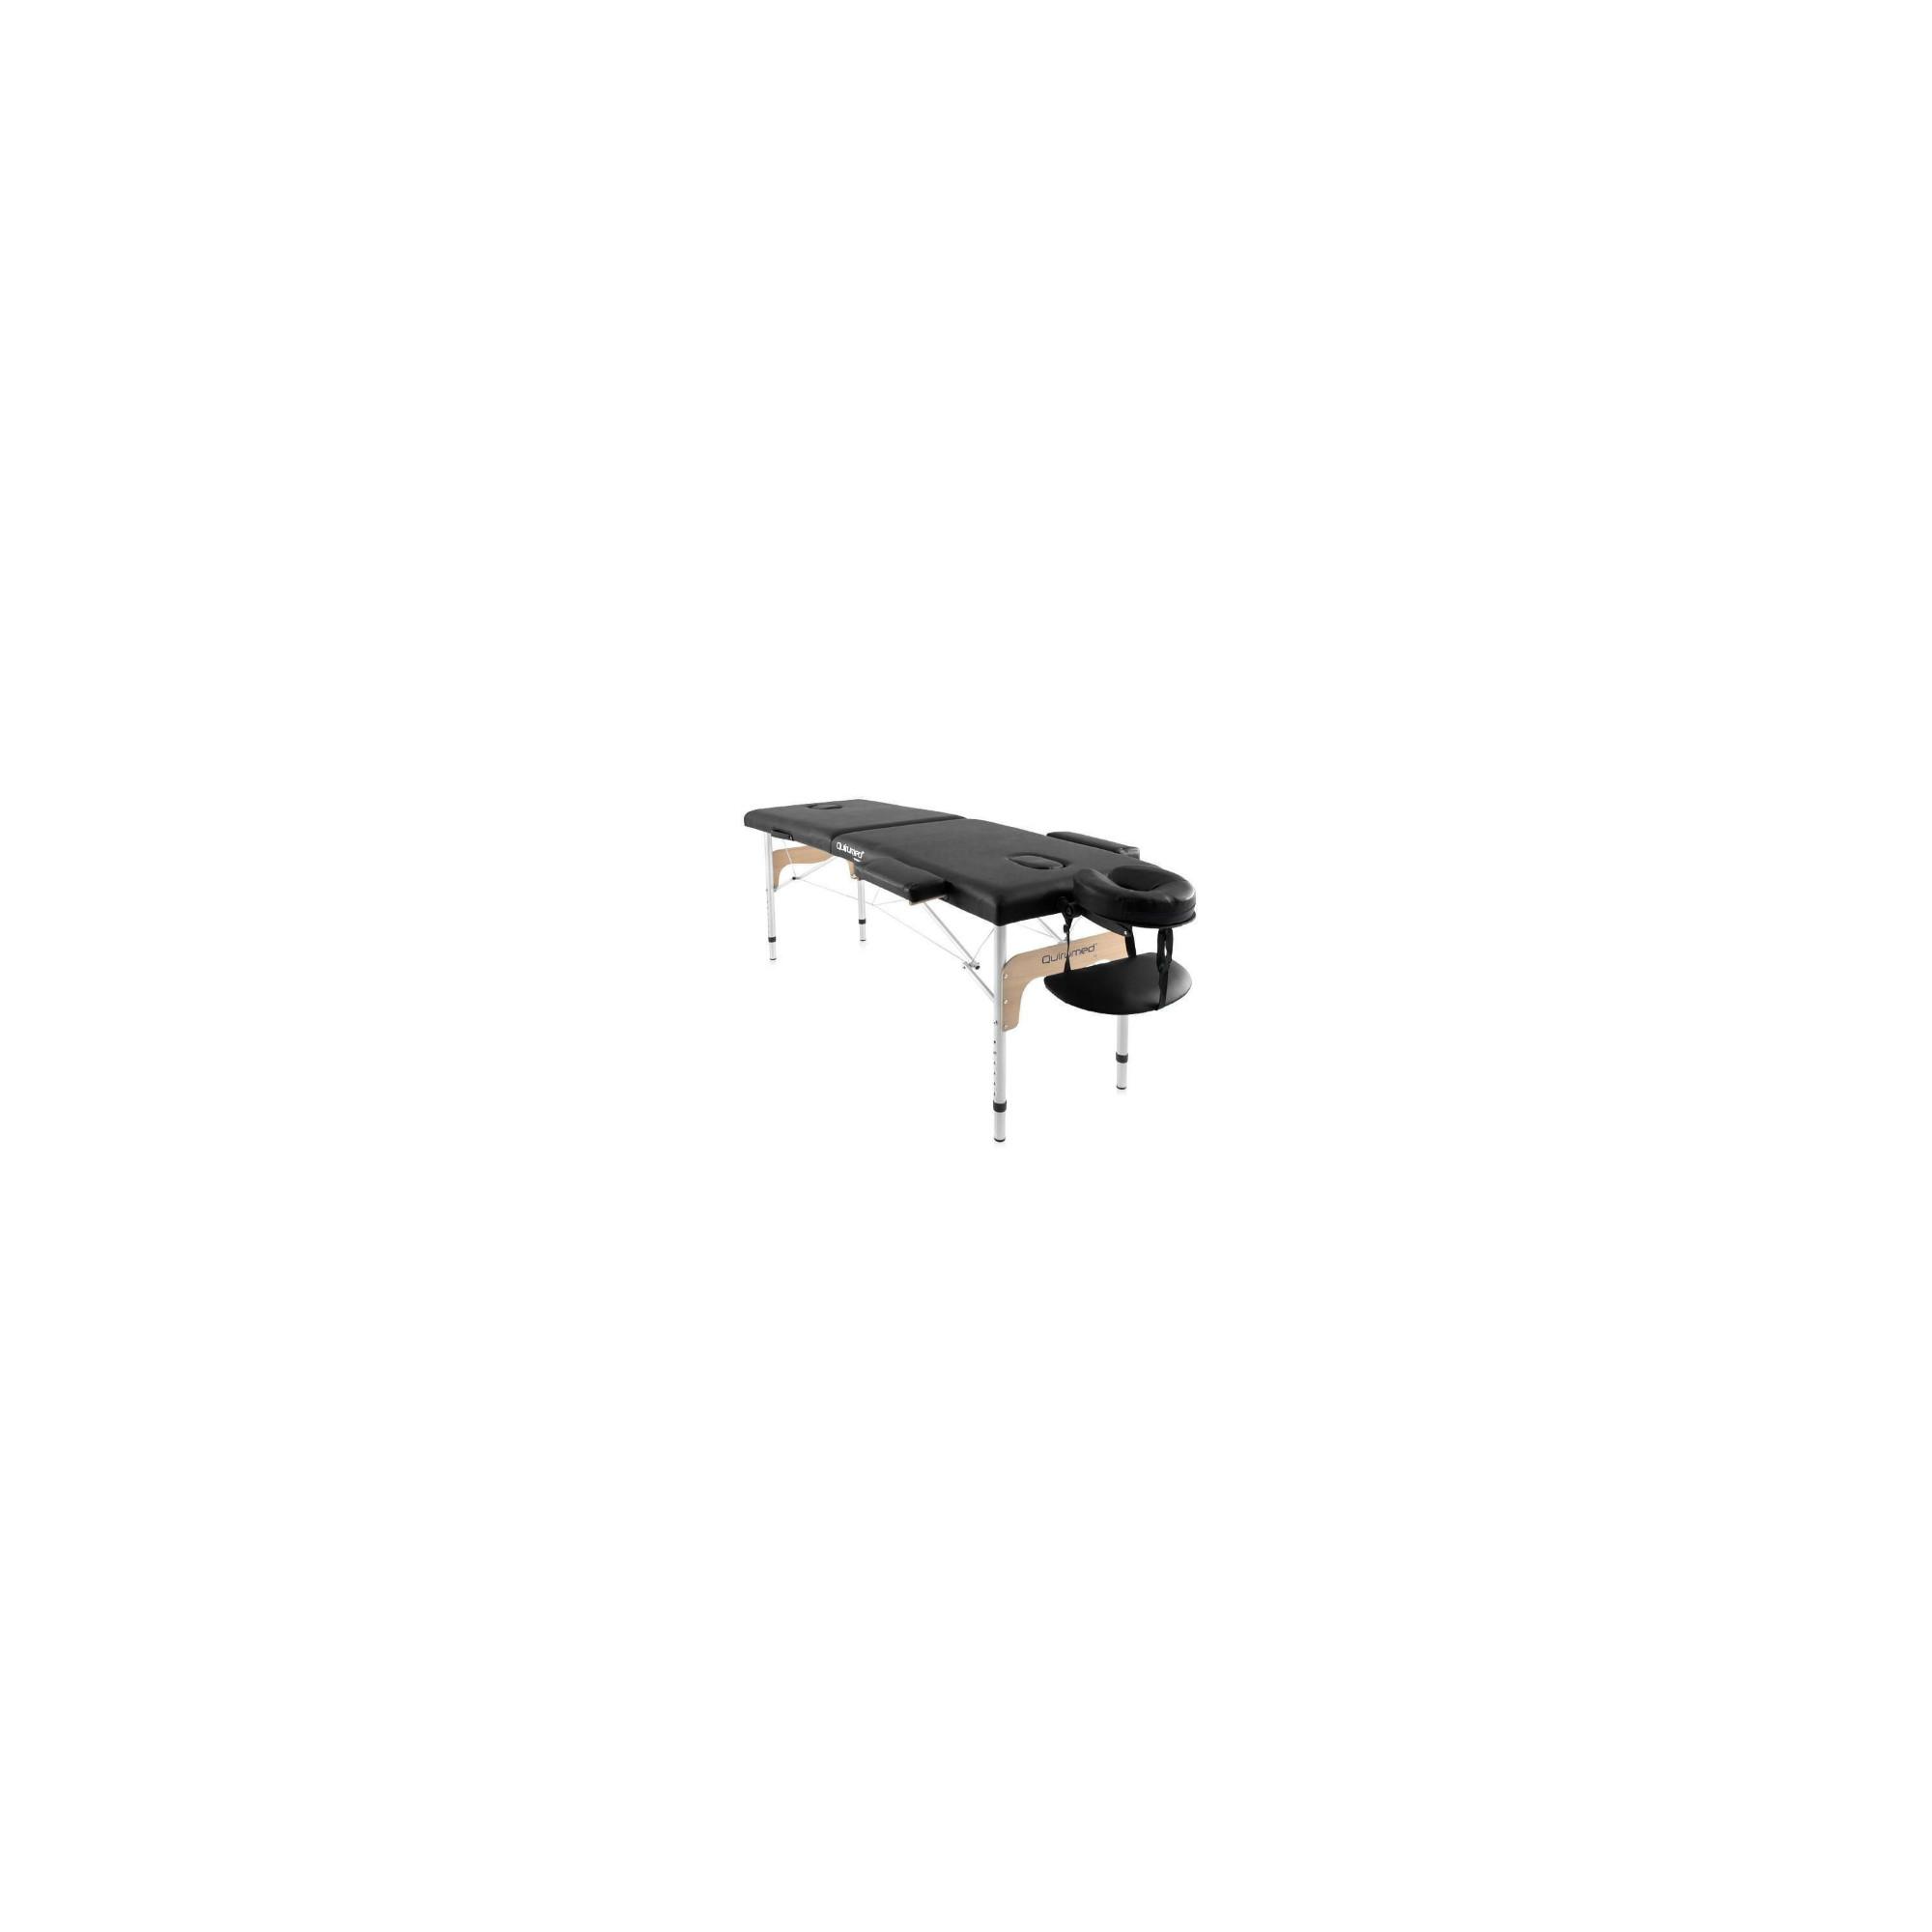 Table de massage pliante en aluminium 180 x 60 cm sans dossier Noir